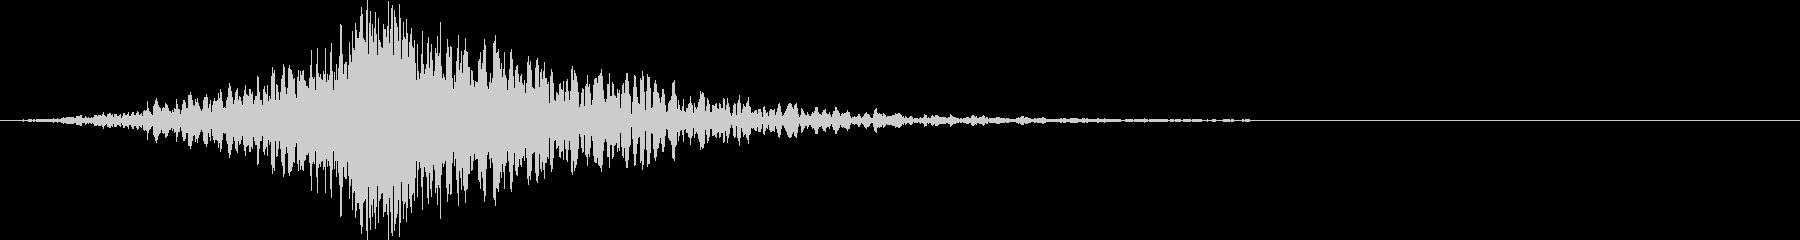 どーん:ハイブリット音:オープニング5の未再生の波形